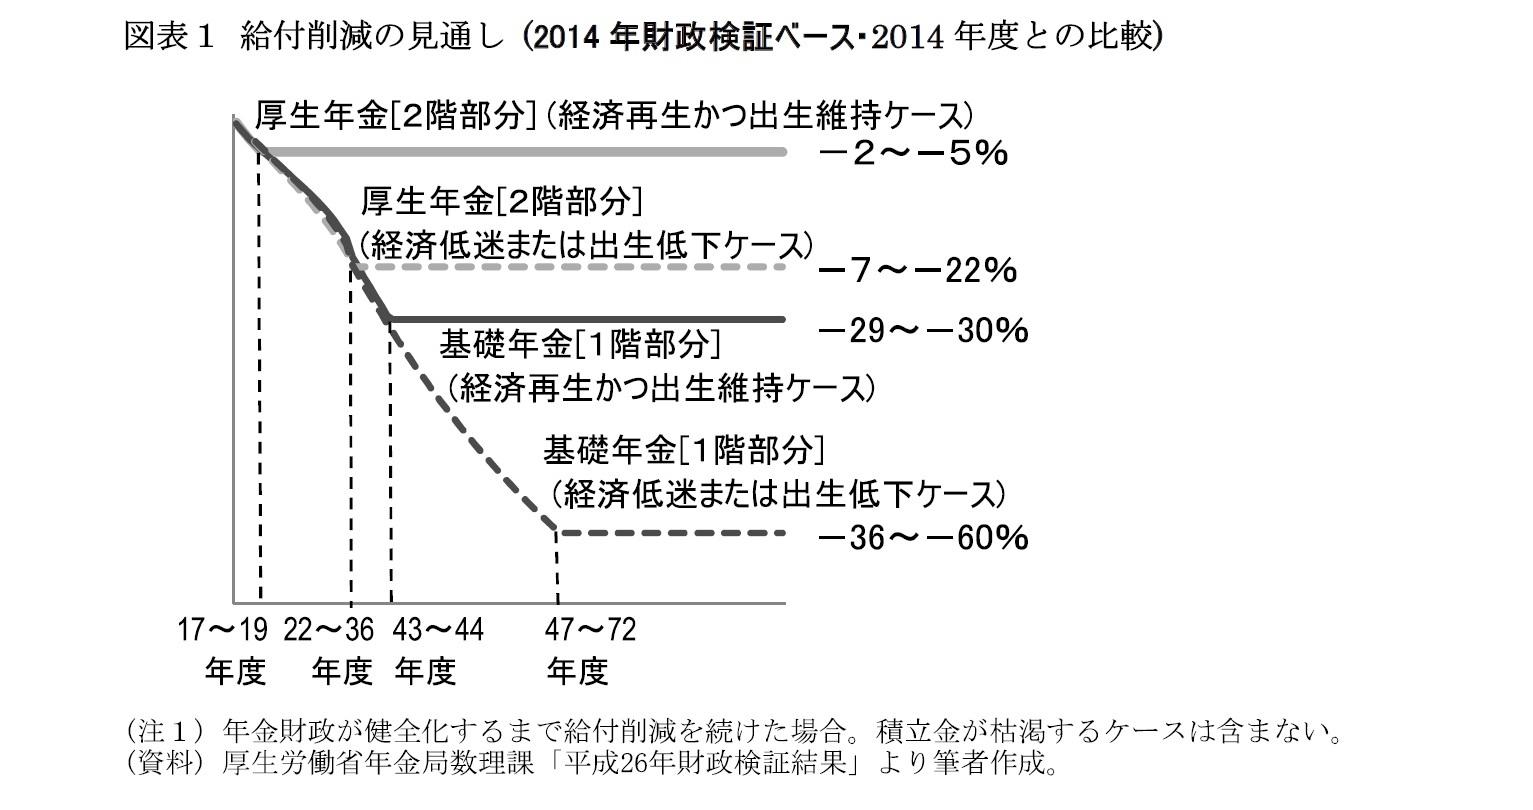 図表1 給付削減の見通し (2014年財政検証ベース・2014年度との比較)